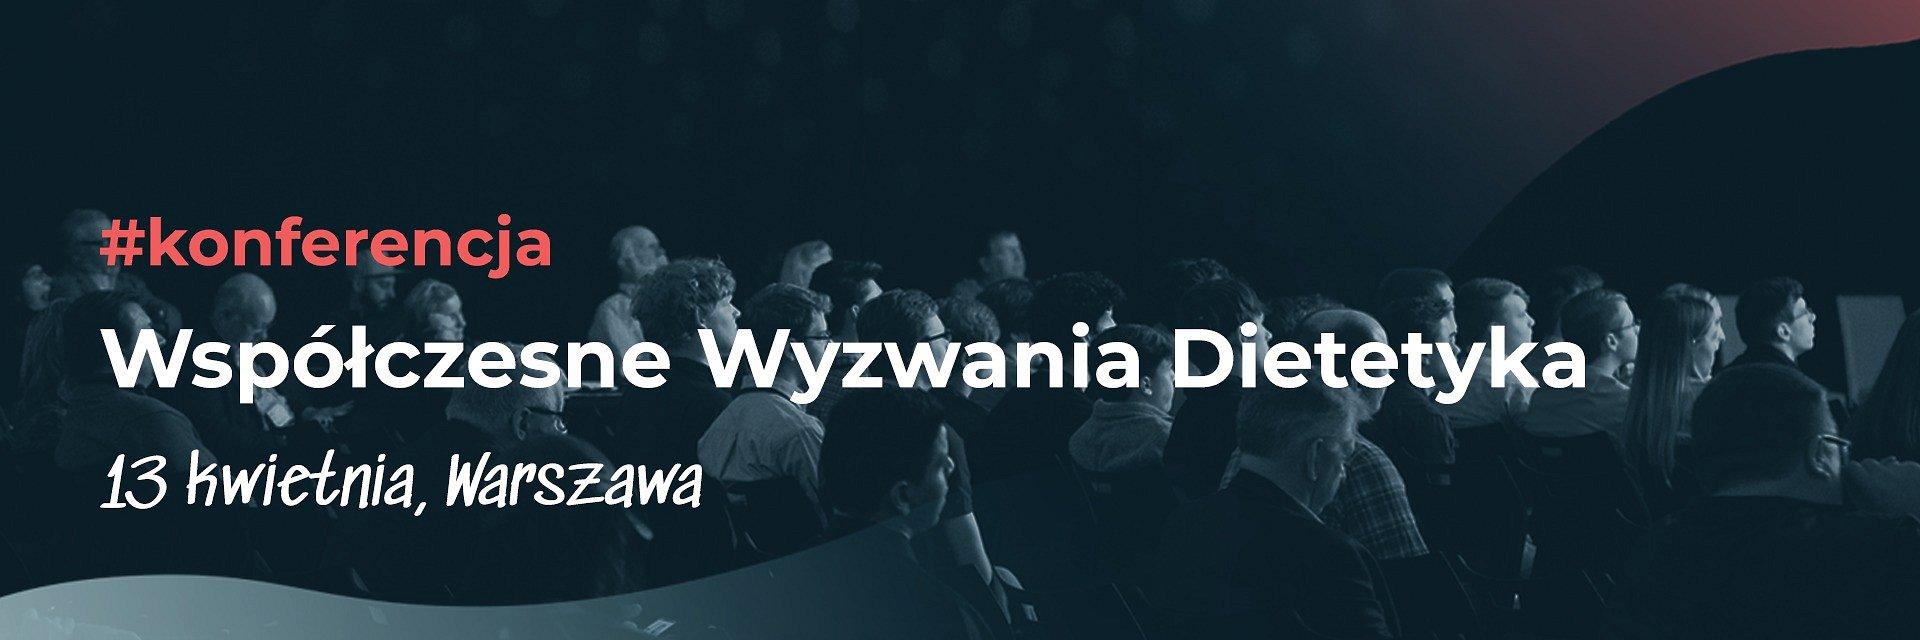 Współczesne Wyzwania Dietetyka – pierwsza tego typu konferencja w Polsce